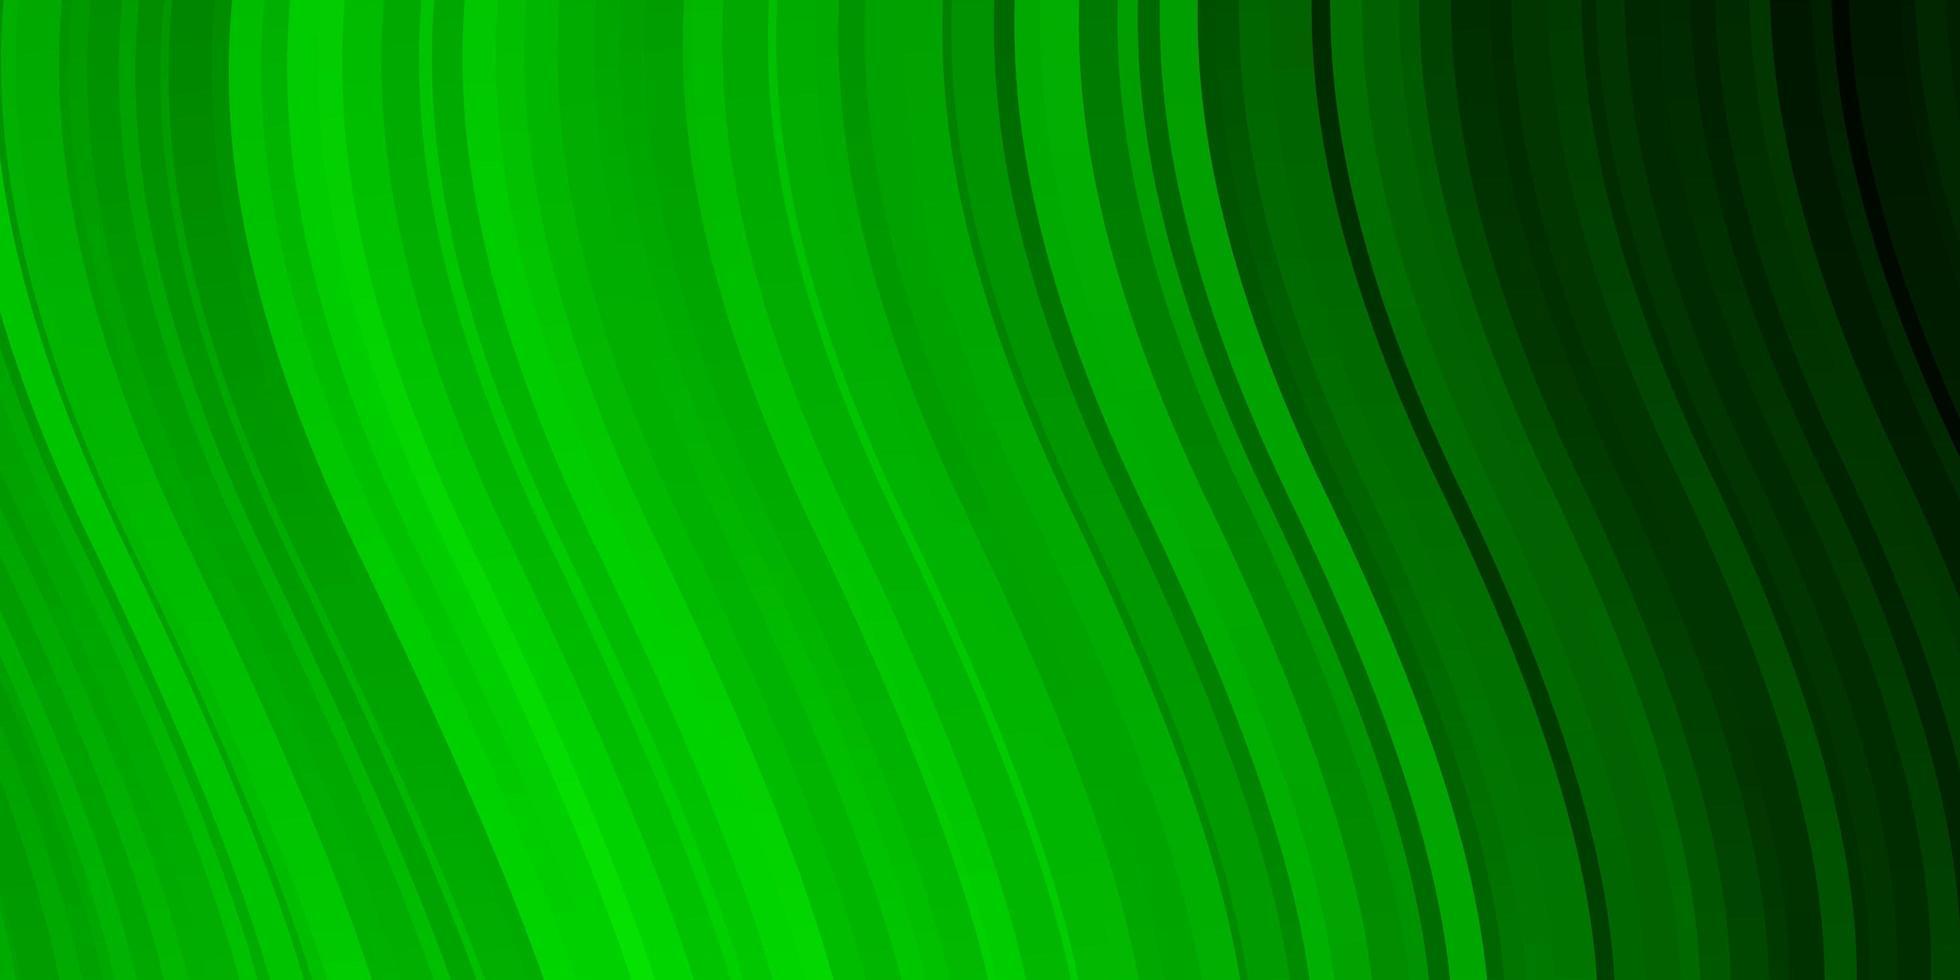 diseño de vector verde claro con arco circular.